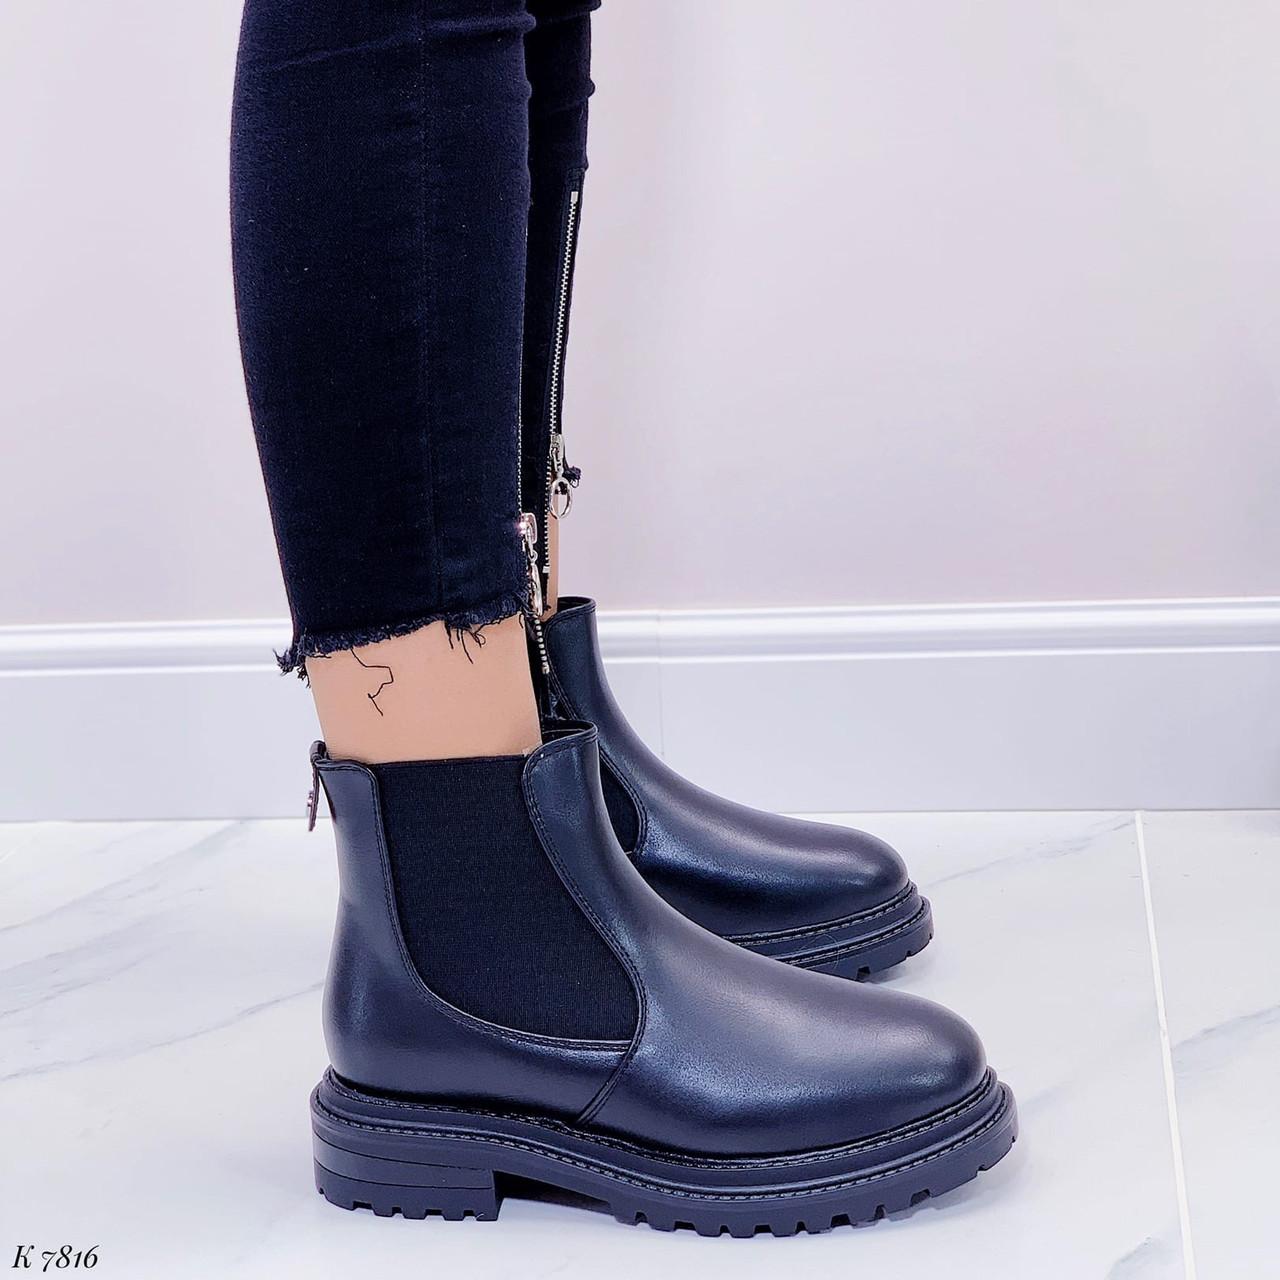 Женские ботинки ЗИМА черные эко кожа